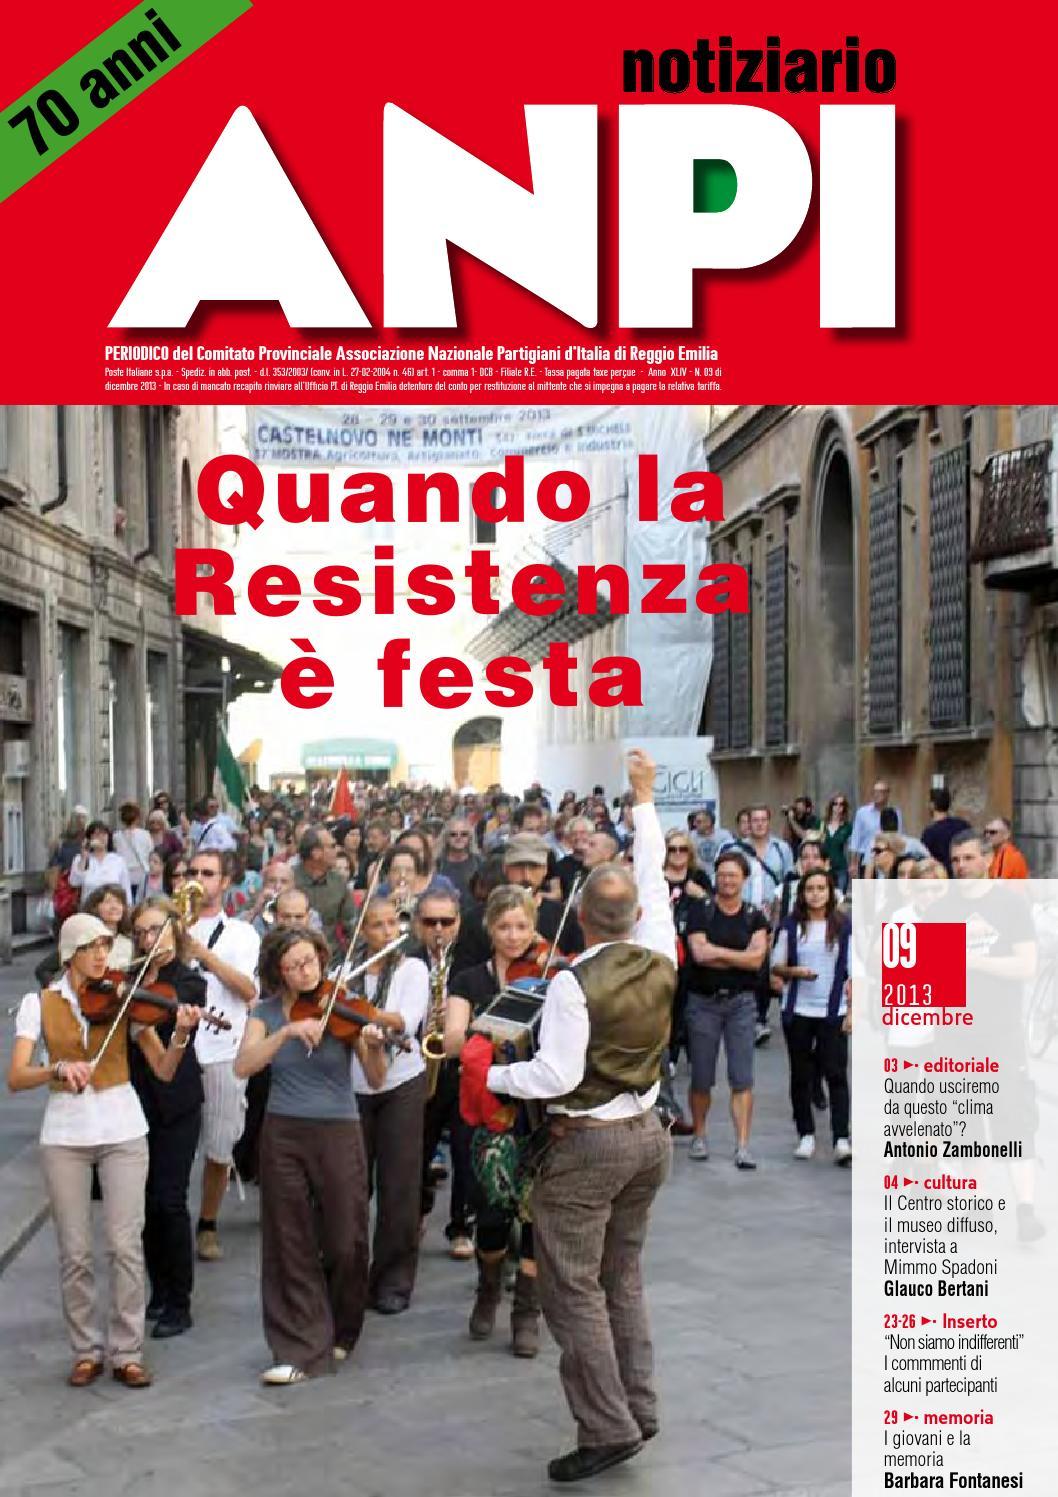 Notiziario dicembre 2013 by ANPI Reggio Emilia - issuu b8cf279b6f67